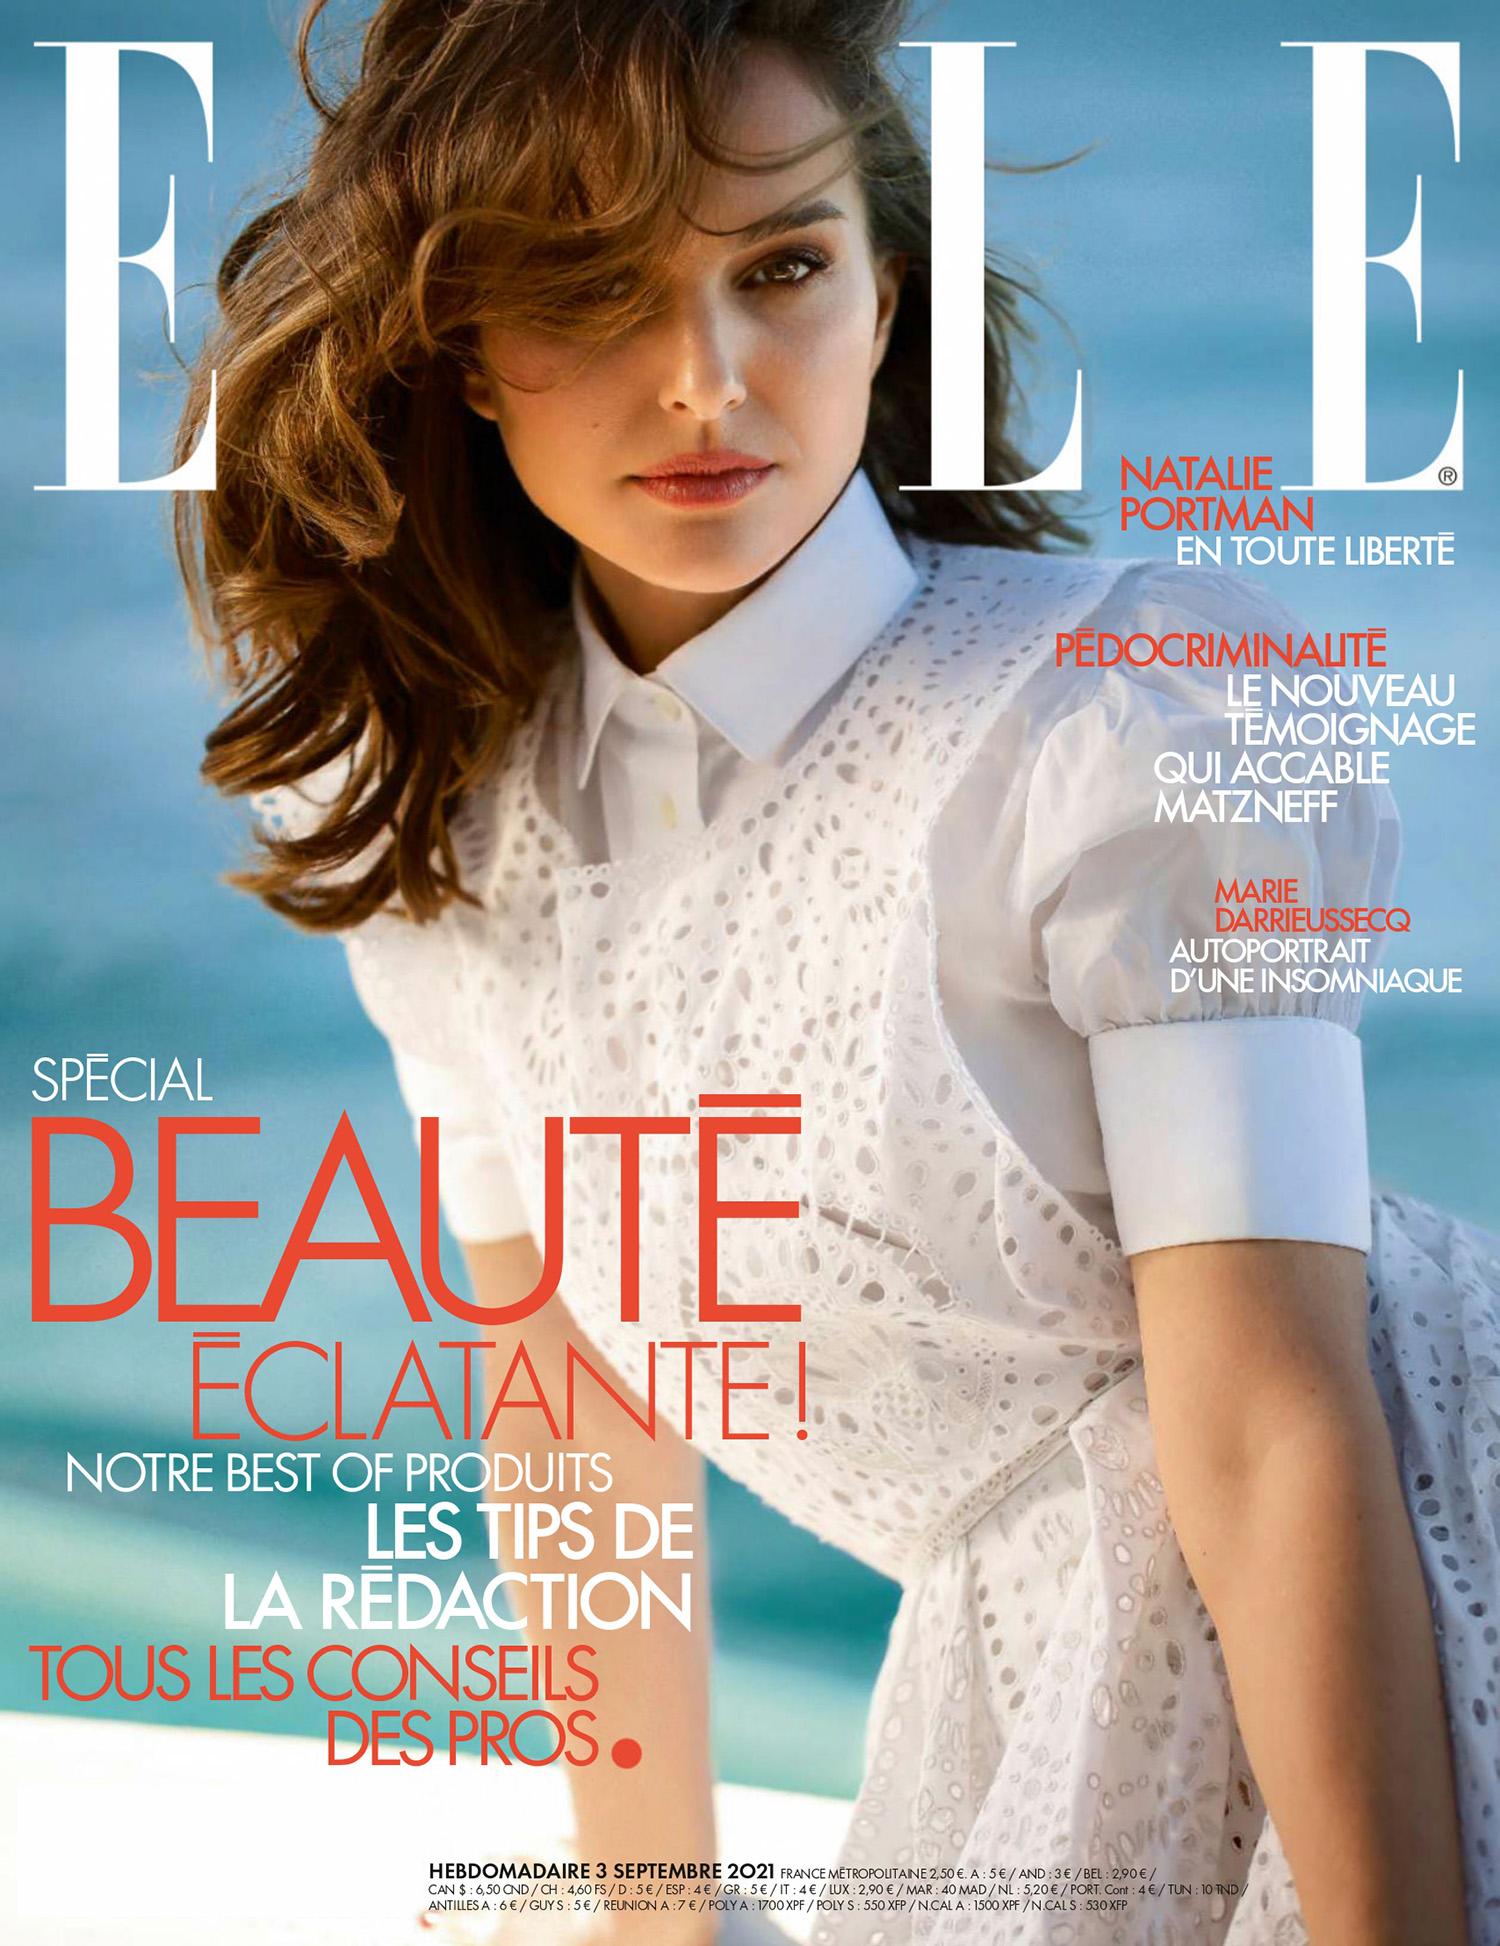 Natalie Portman covers Elle France September 3rd, 2021 by Jennifer Stenglein